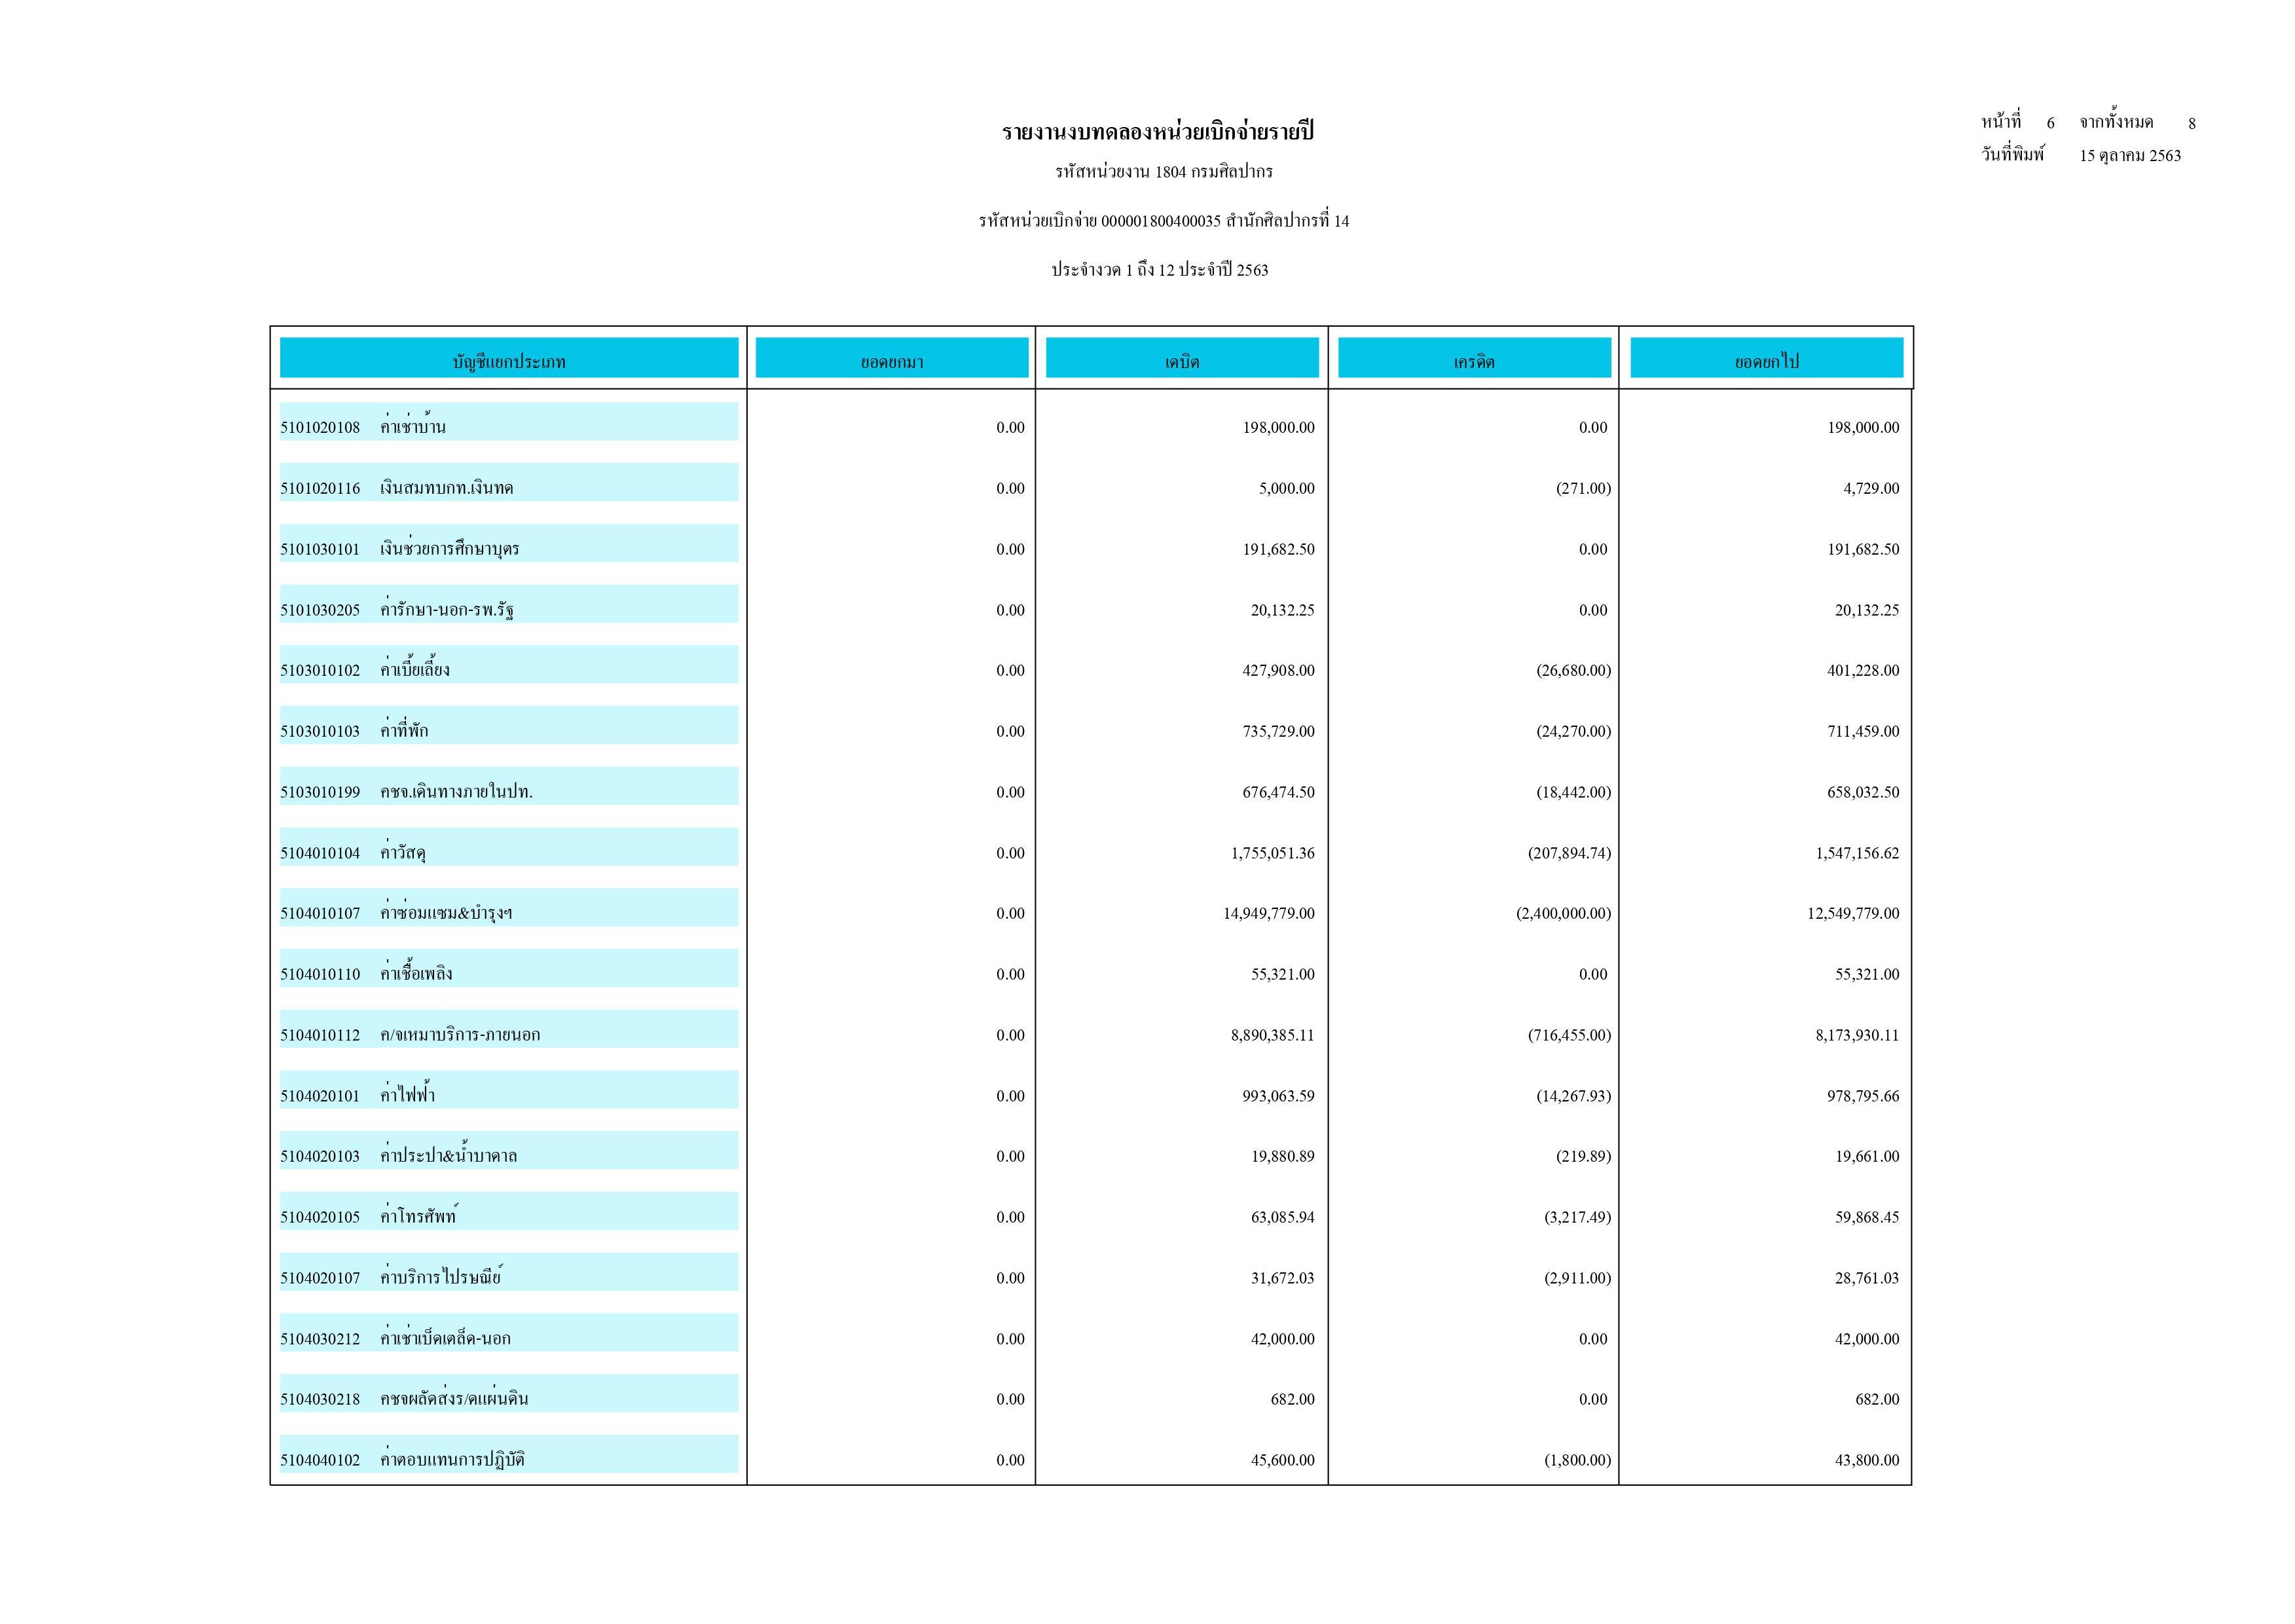 รายงานงบทดลองหน่วยเบิกจ่ายรายปี ประจำงวด 1 ถึง 12 ประจำปี 2563 (สำนักศิลปากรที่ 12 นครศรีธรรมราช)